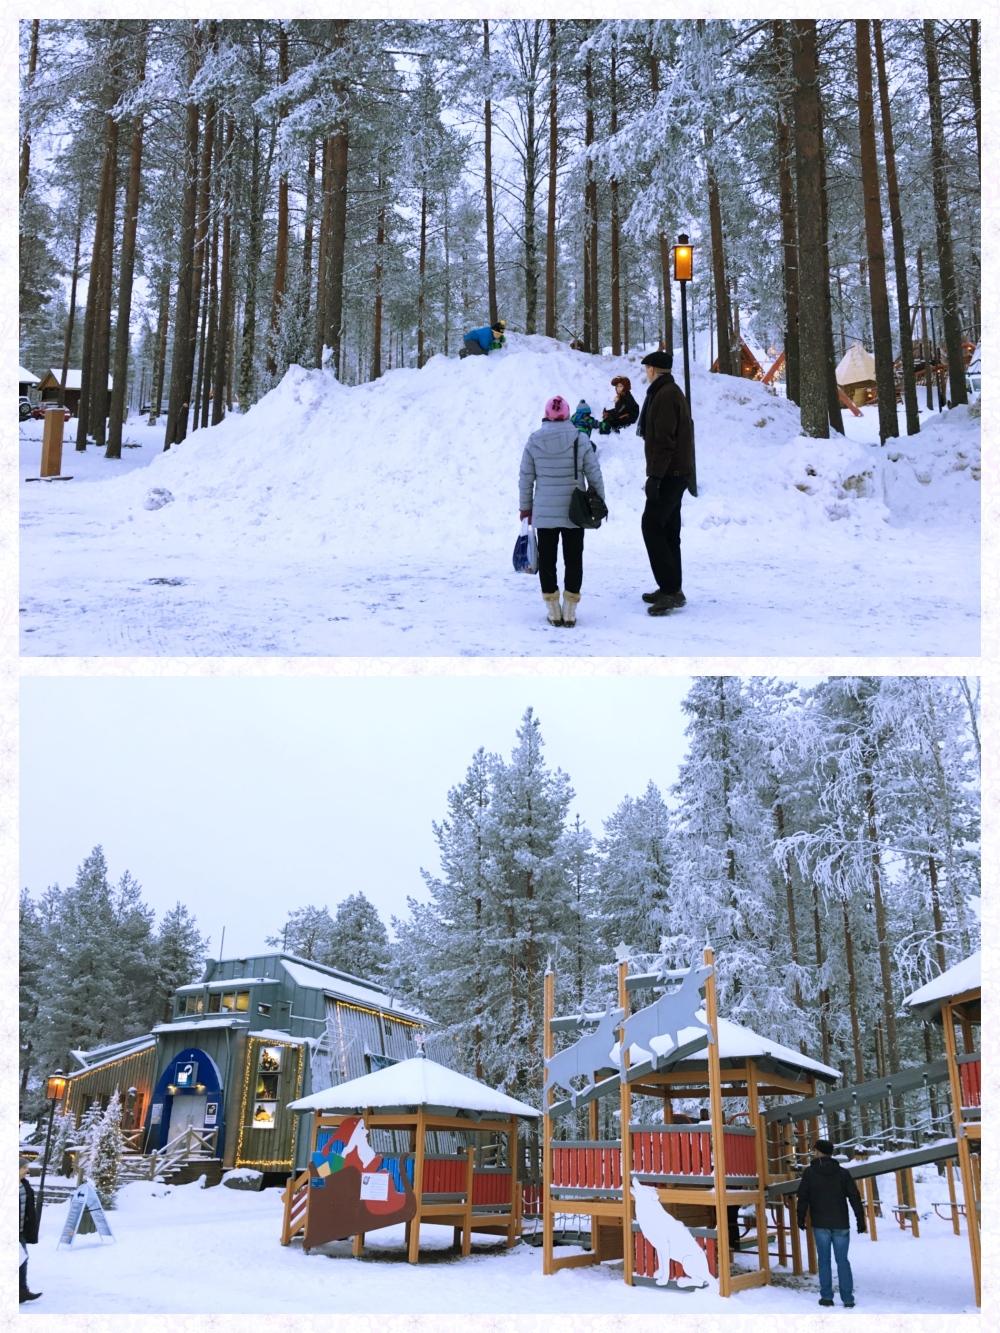 snowy-santa-claus-village